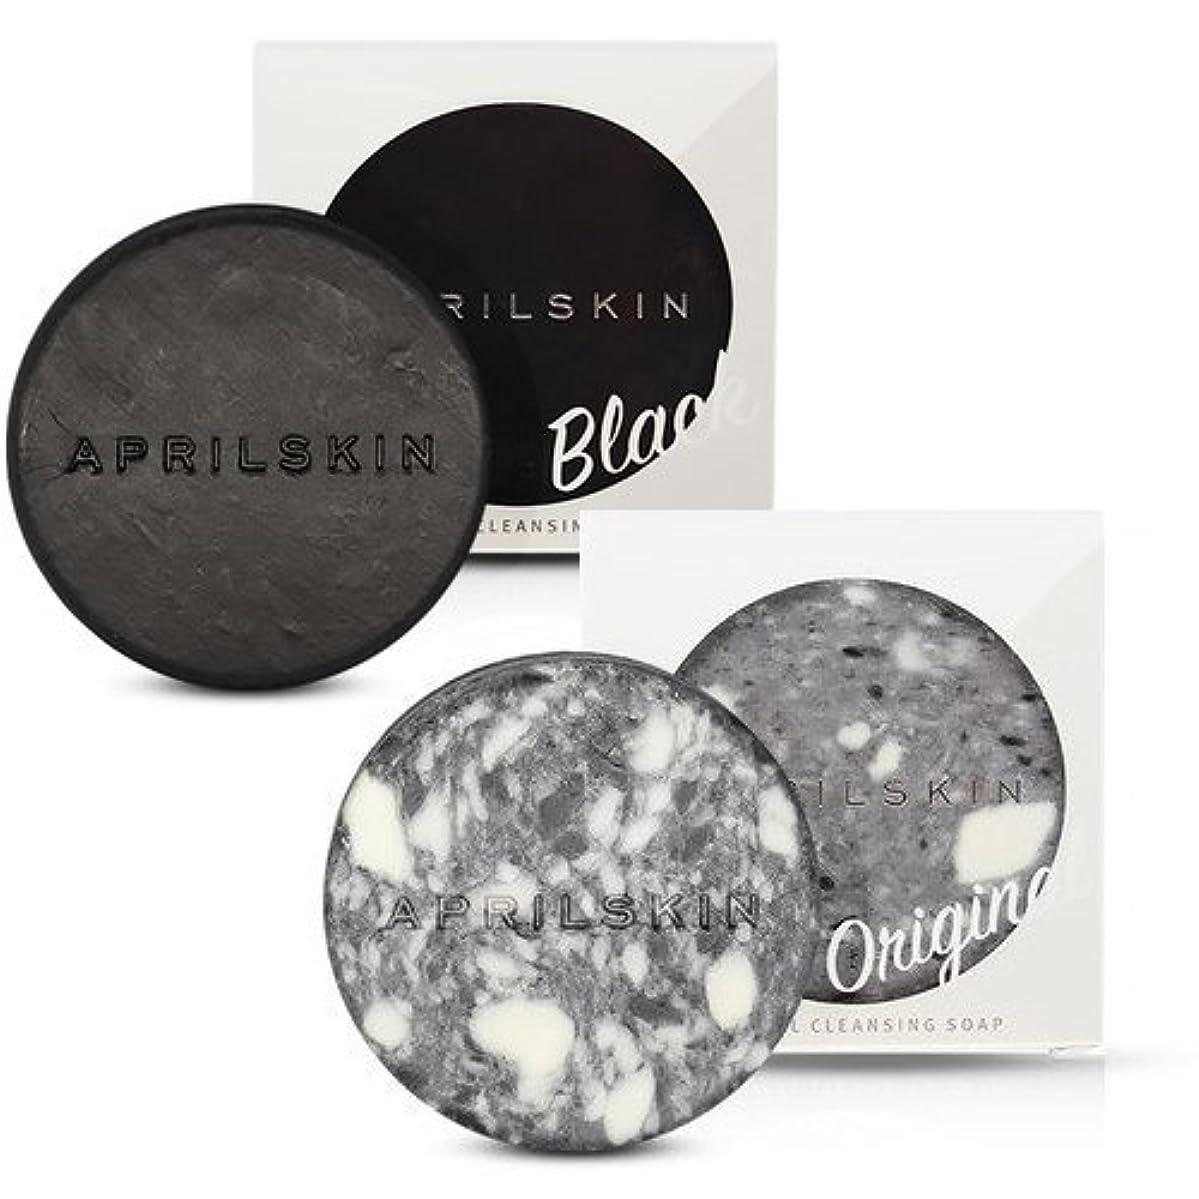 ハードリング場合危険な[1+1][APRILSKIN] エイプリルスキン国民石鹸 (APRIL SKIN マジックストーンのリニューアルバージョン新発売) (ORIGINAL+BLACK) [並行輸入品]